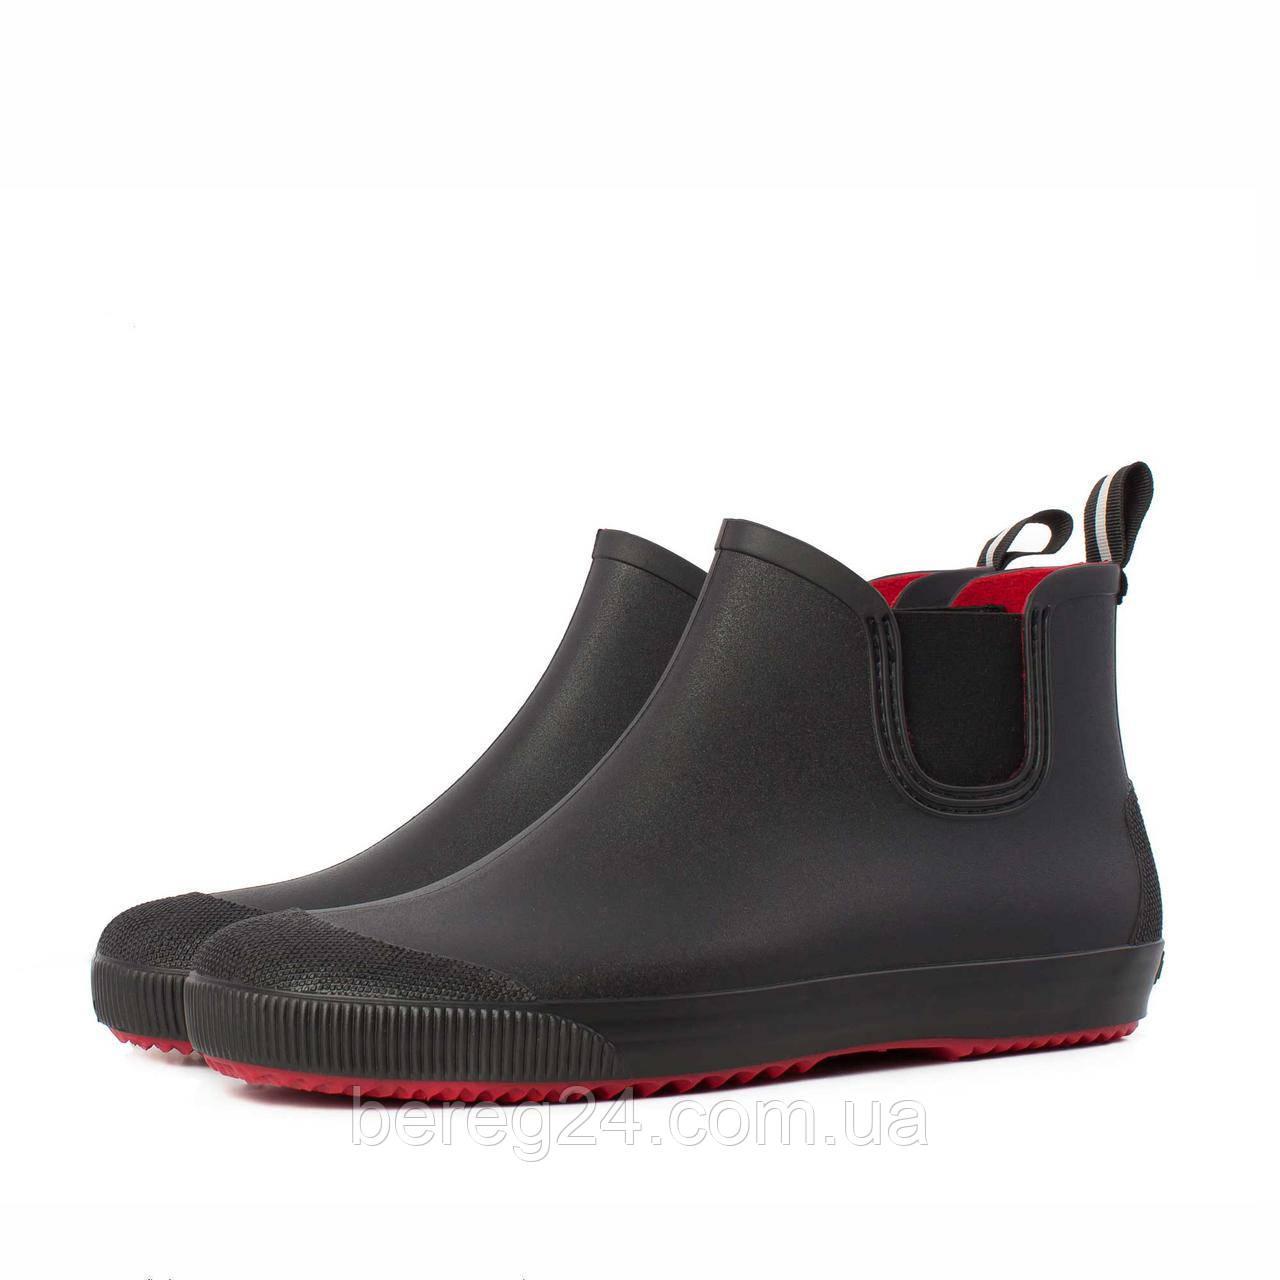 Чоловічі черевики NordMan BEAT гумові з еластичною вставкою чорні розмір 42